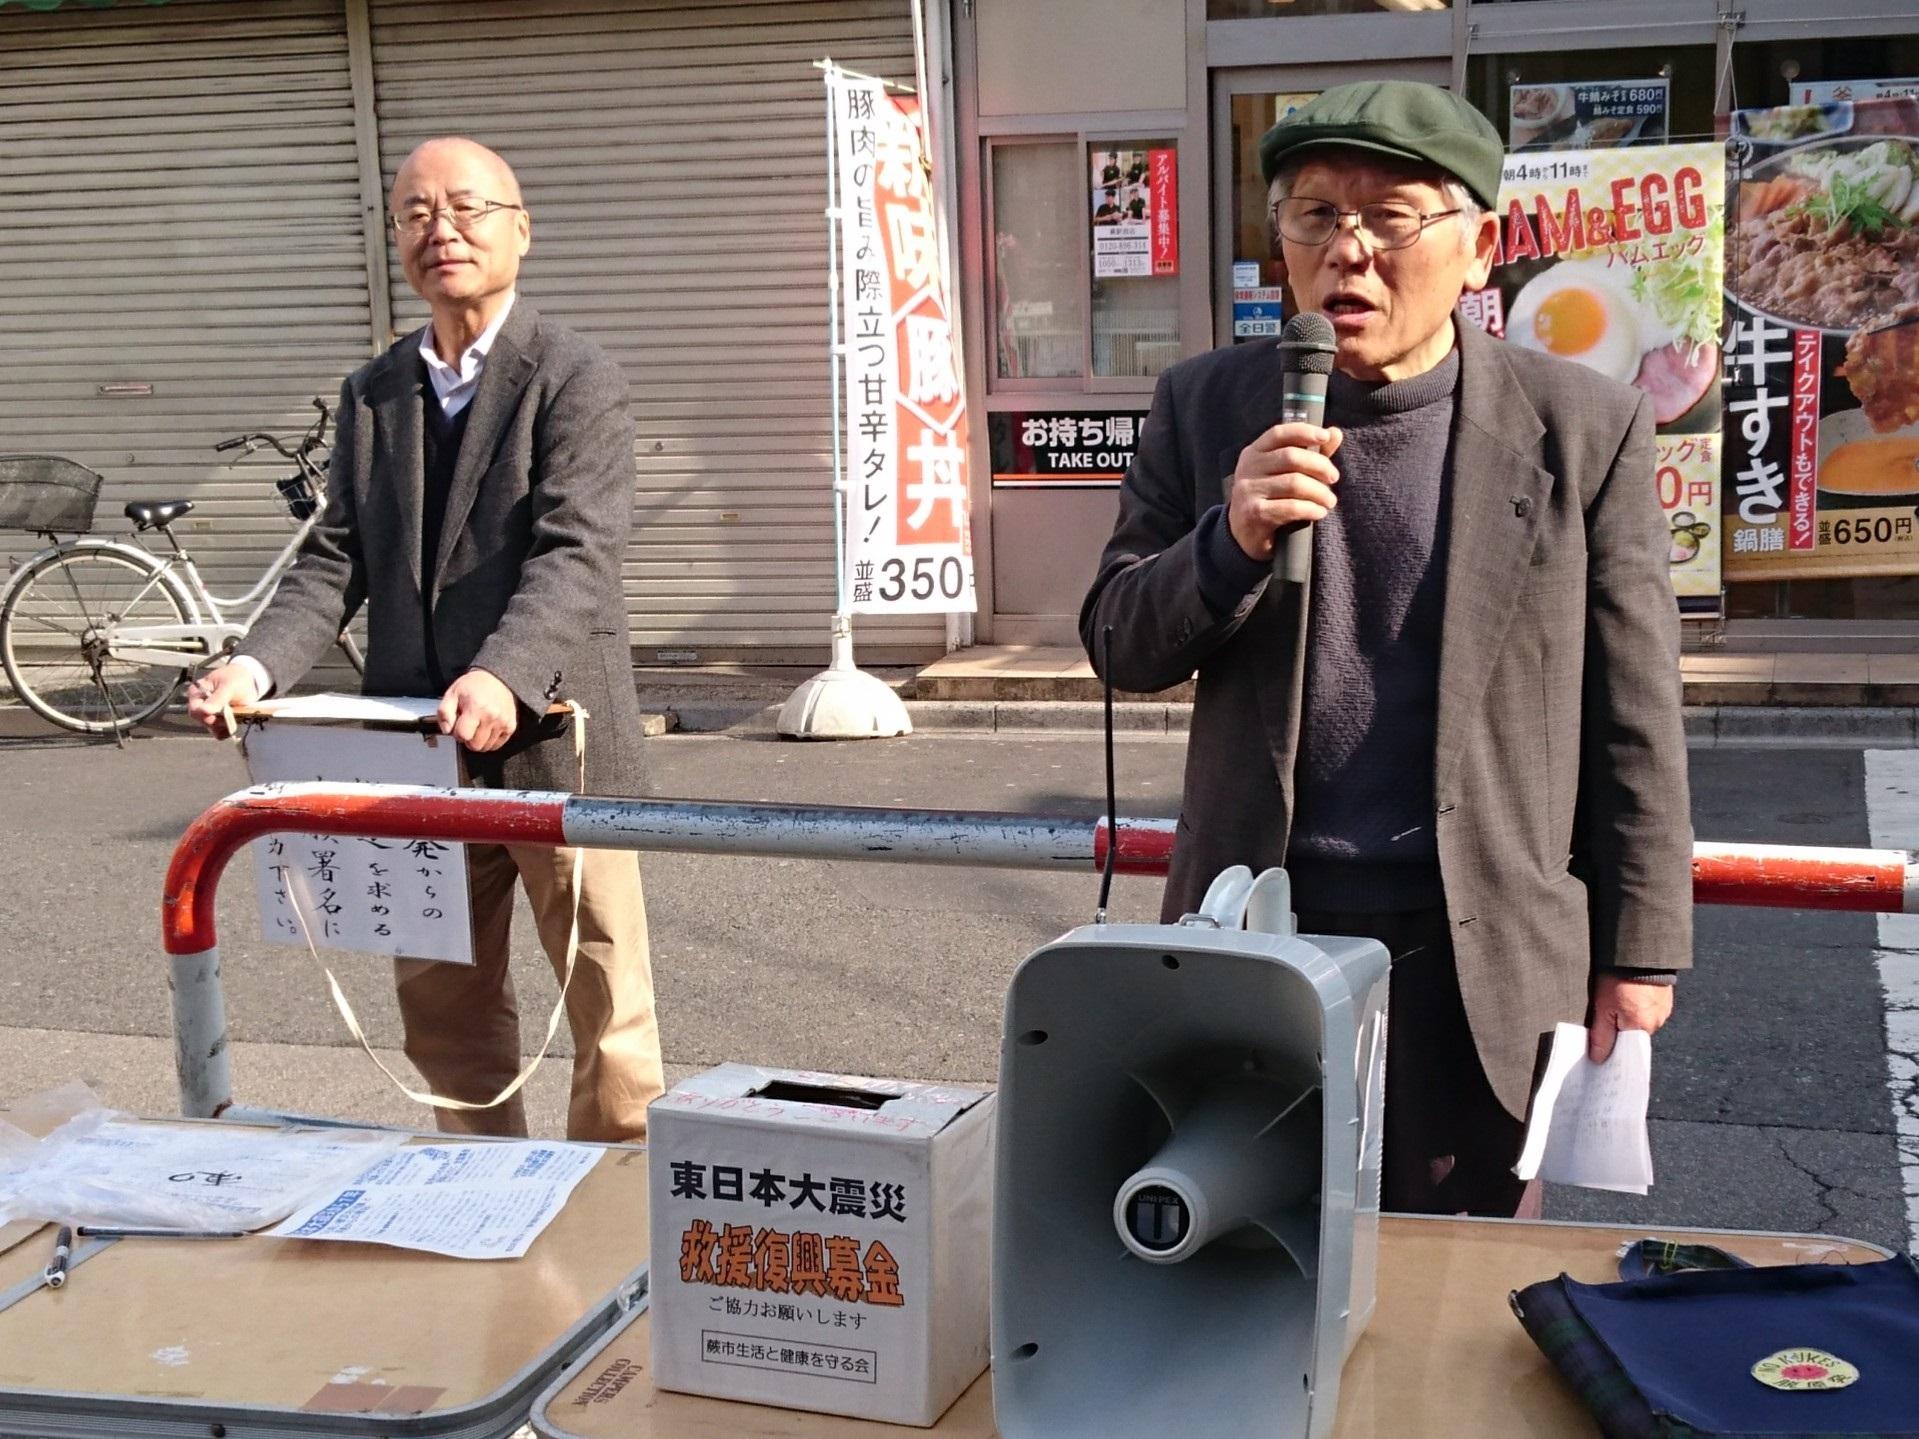 蕨駅東口で訴える浅名蕨市生健会会長(右)と梶原市議(左)